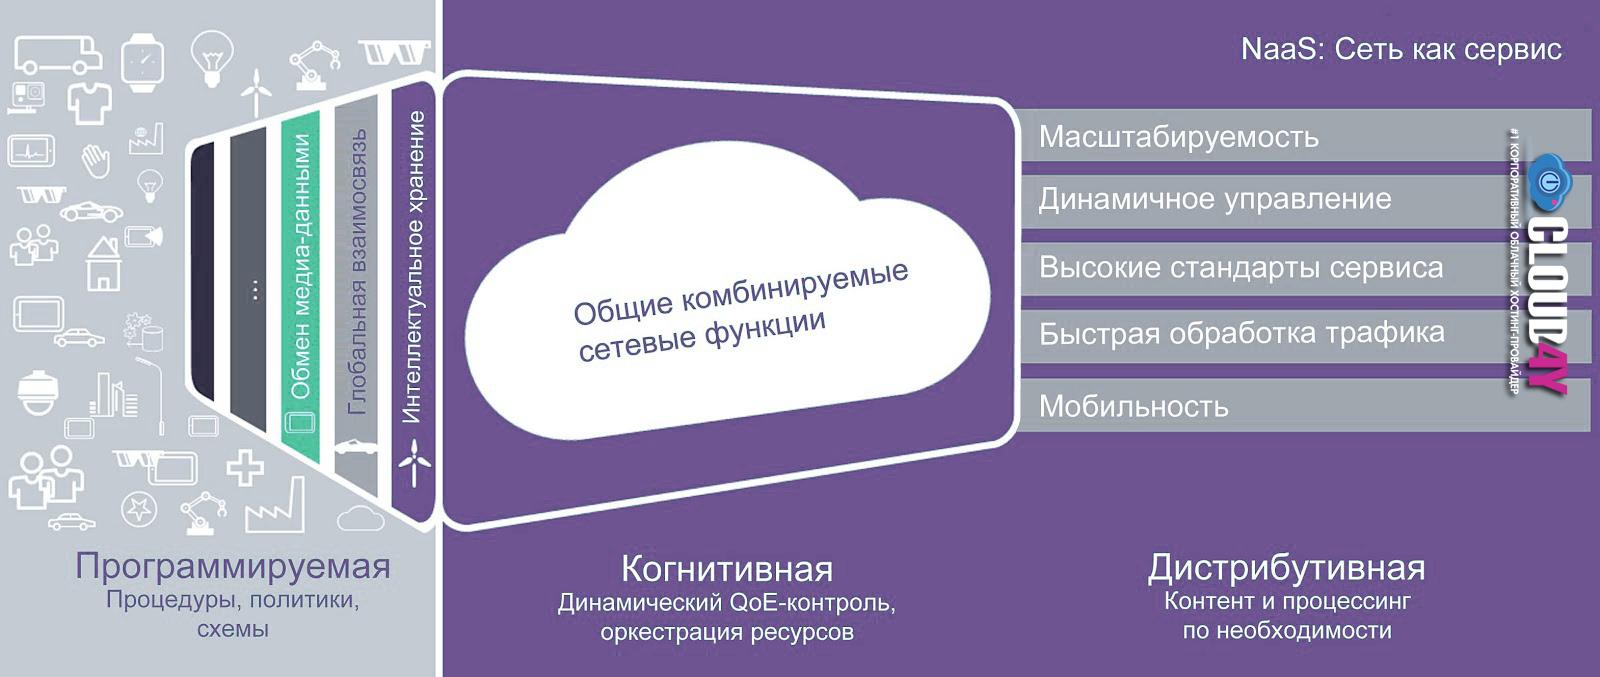 Эволюция SDN: путь в прекрасное программируемое будущее - 2